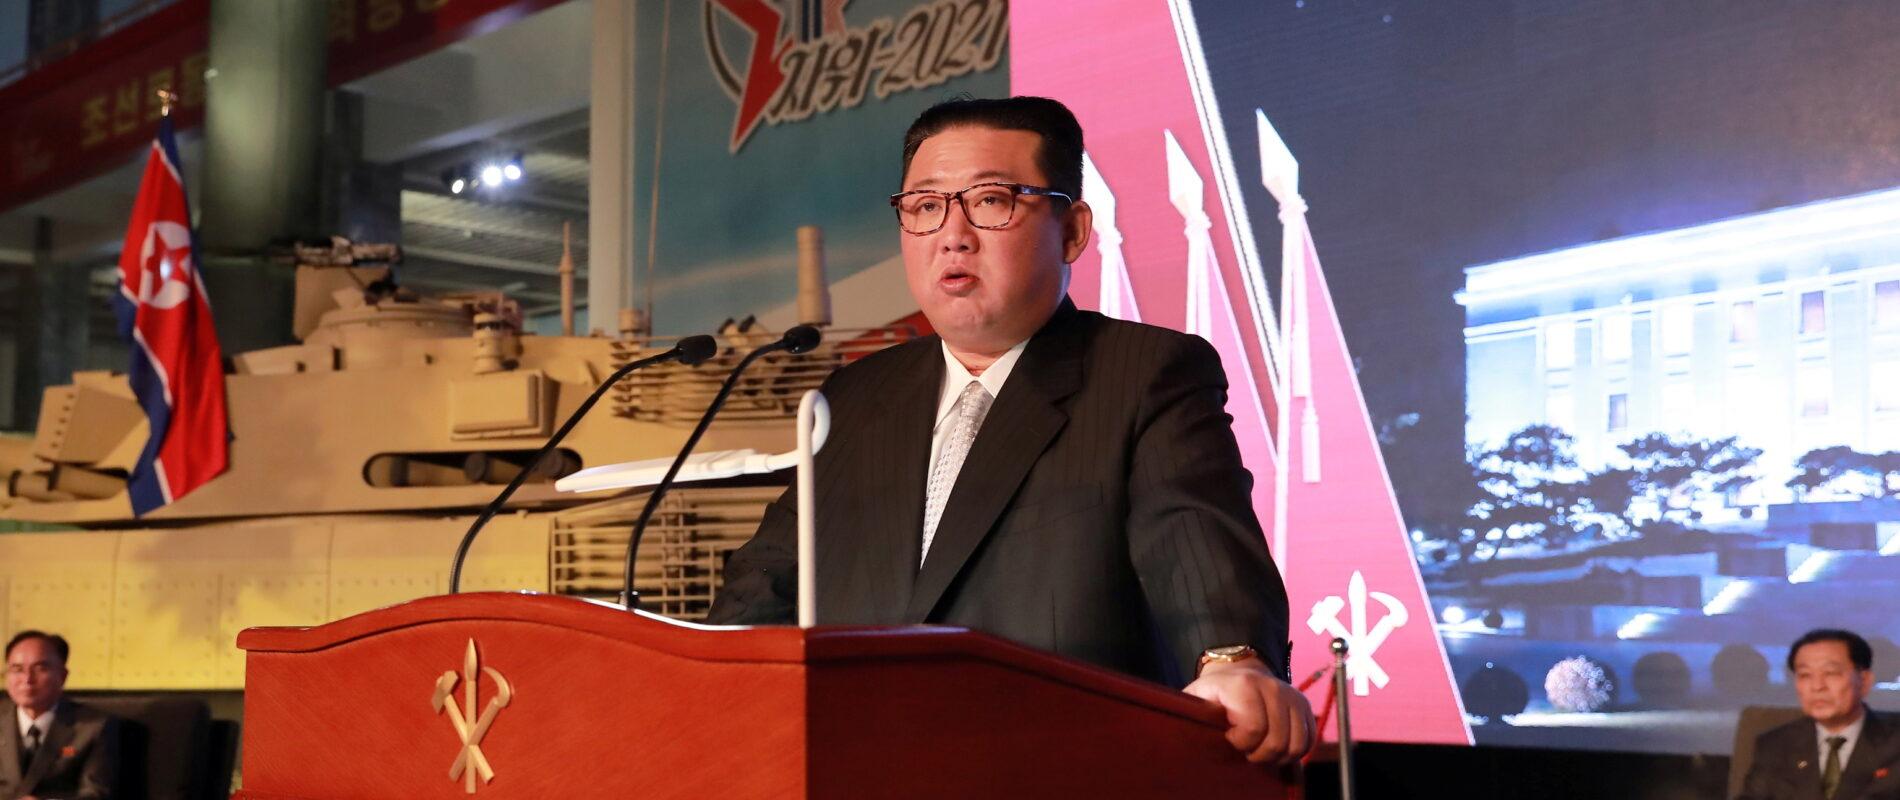 Corea del Norte justifica el desarrollo de armas y culpa a EE.UU de ser la 'raíz' de los problemas con Corea del Sur